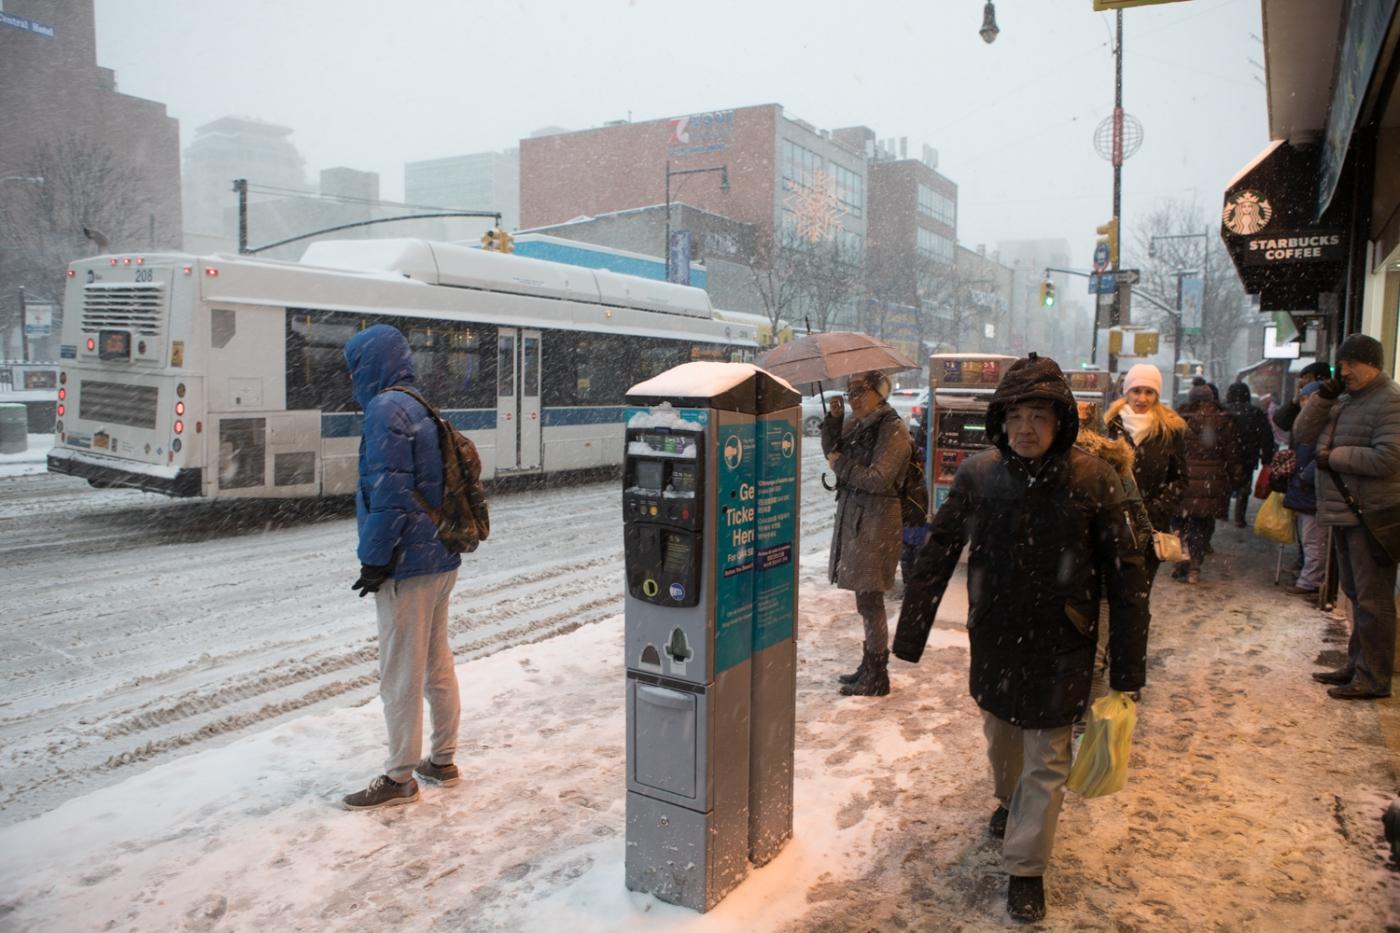 紐約: 風雪法拉盛 190107_图1-18